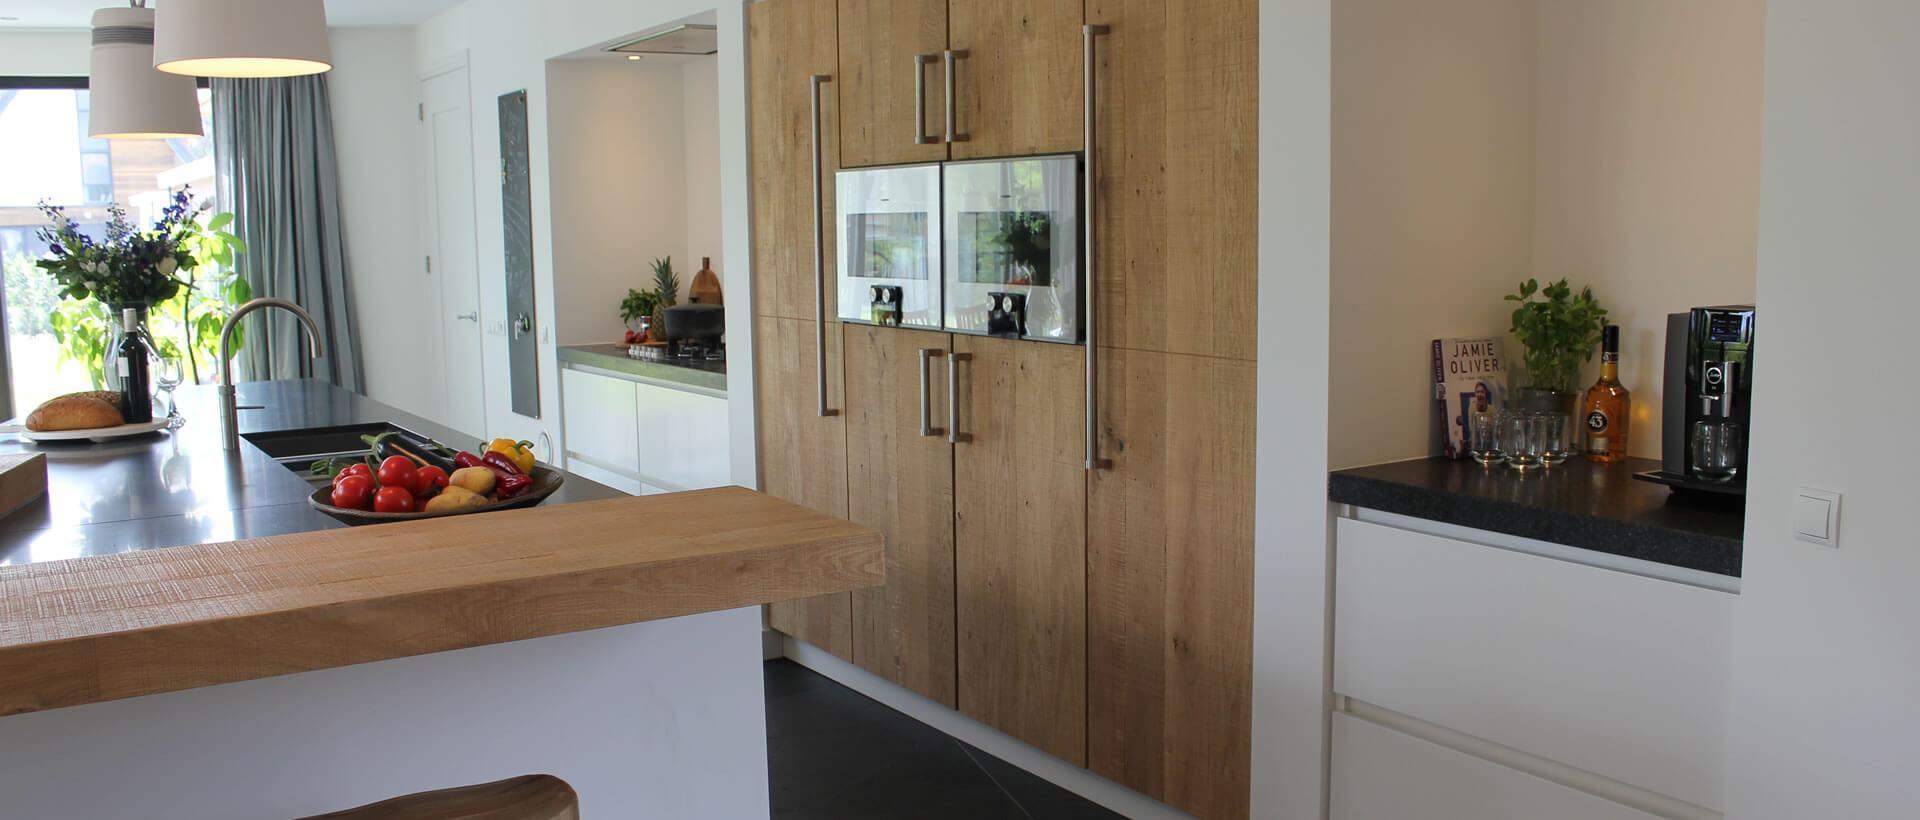 Gerard hempen handgemaakte keukens van hout for Eigen keuken bouwen